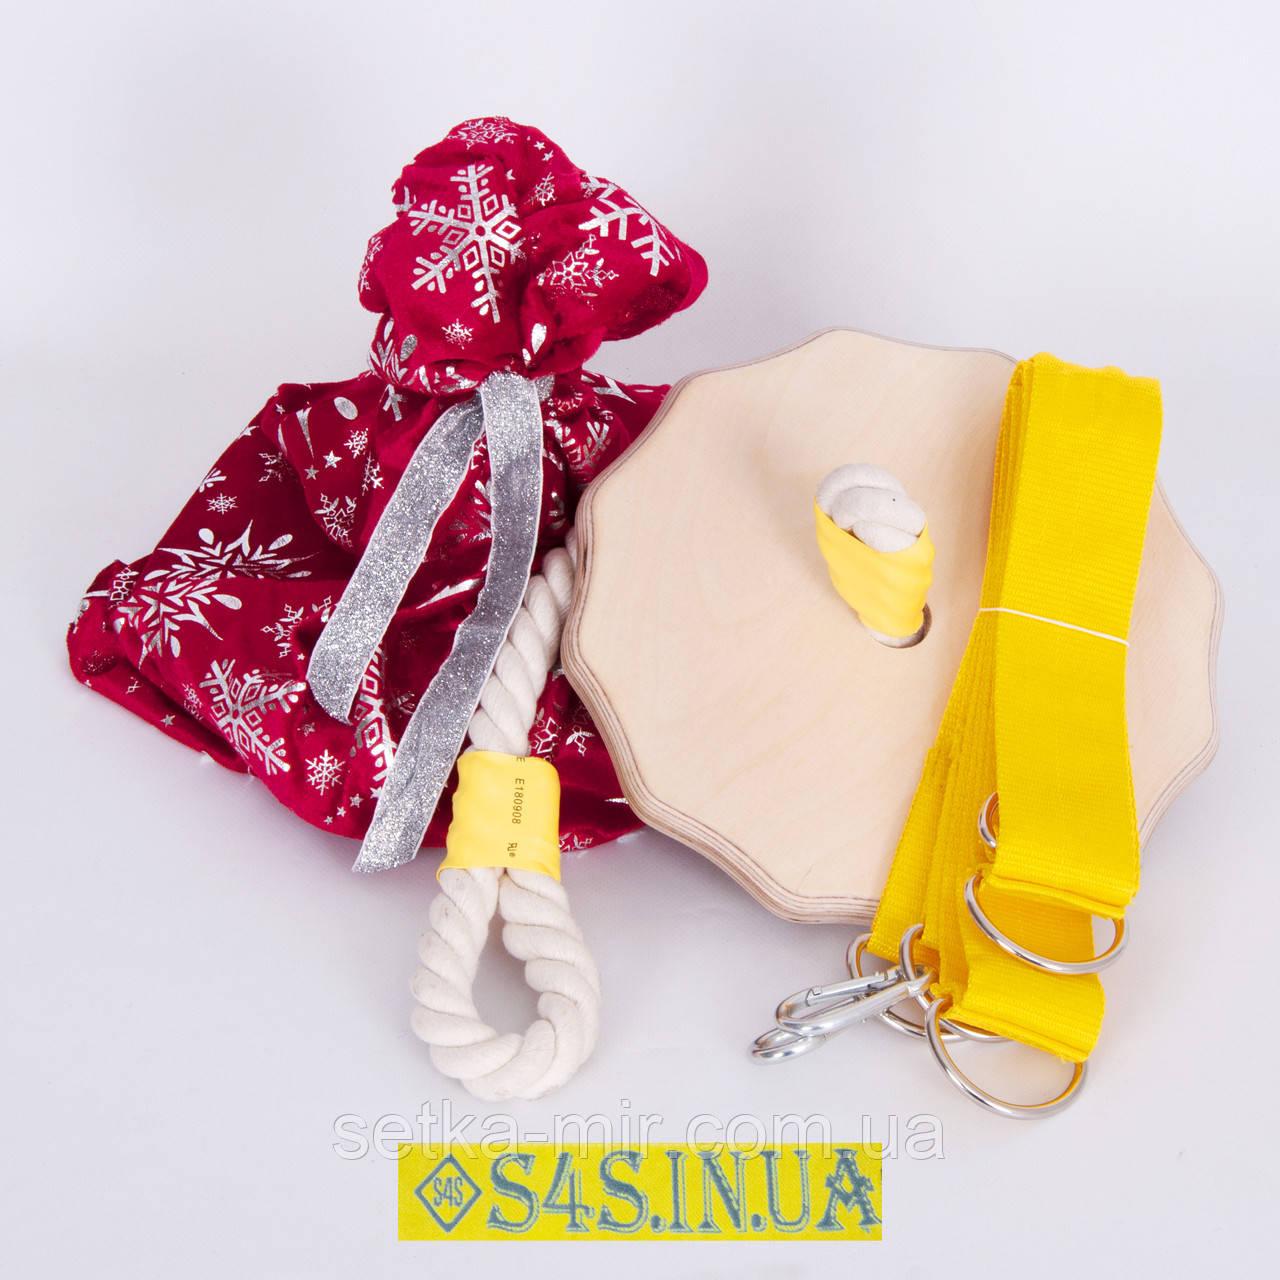 Подарок Детская качеля тарзанка для улицы, подвесная деревянная «ЭКОНОМ» в подарочной упаковке